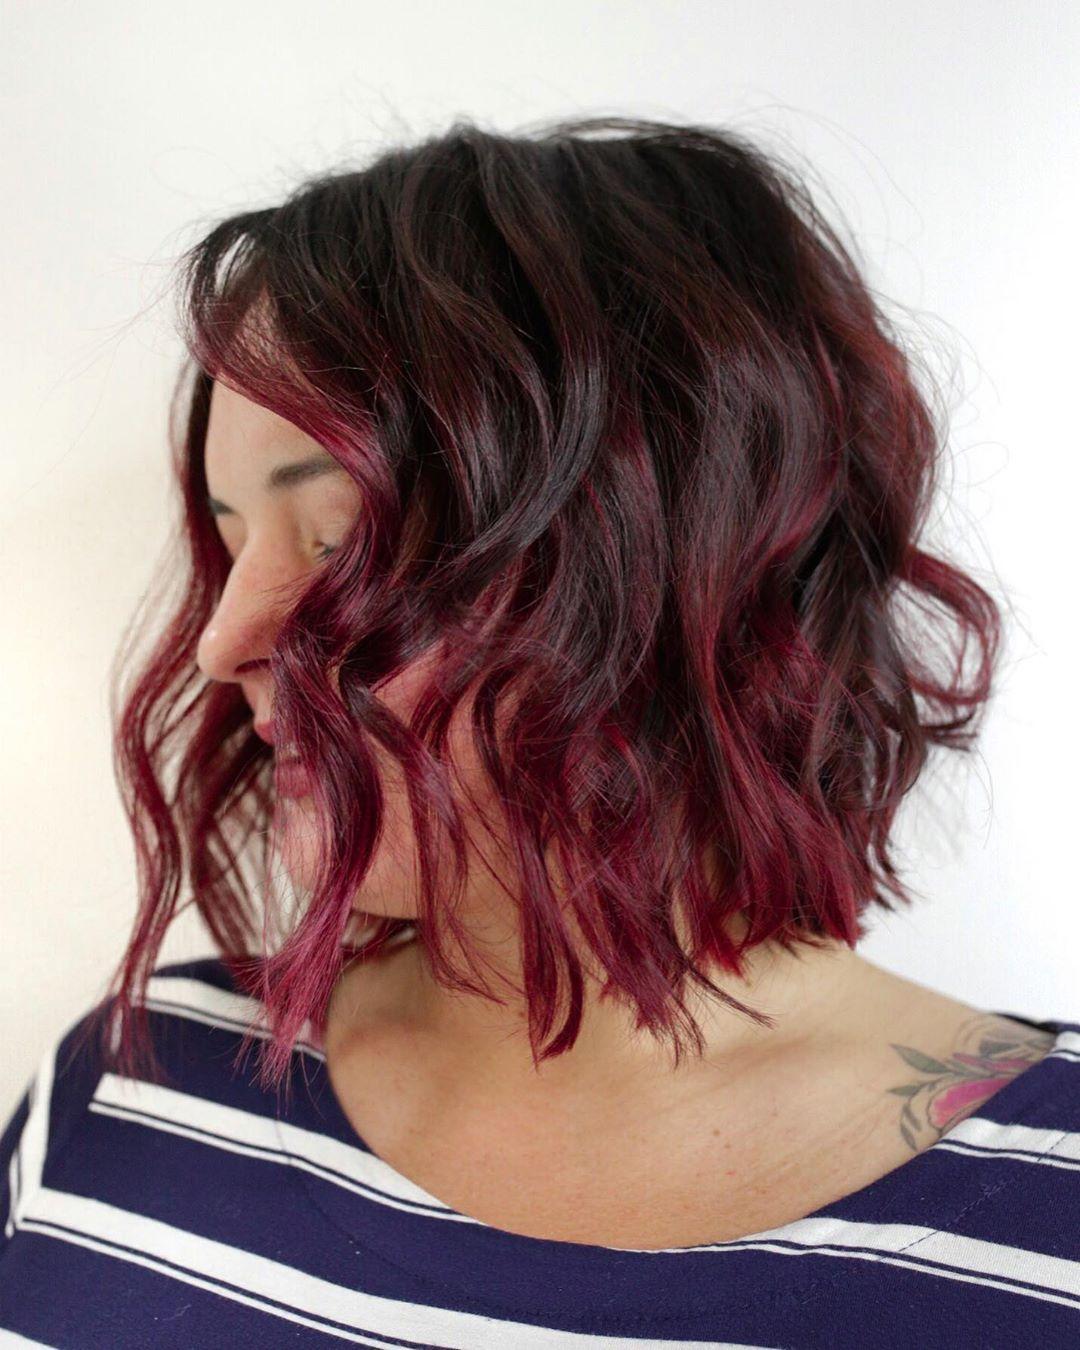 Capelli Rosso Mogano: una tonalità intensa e sensuale ...